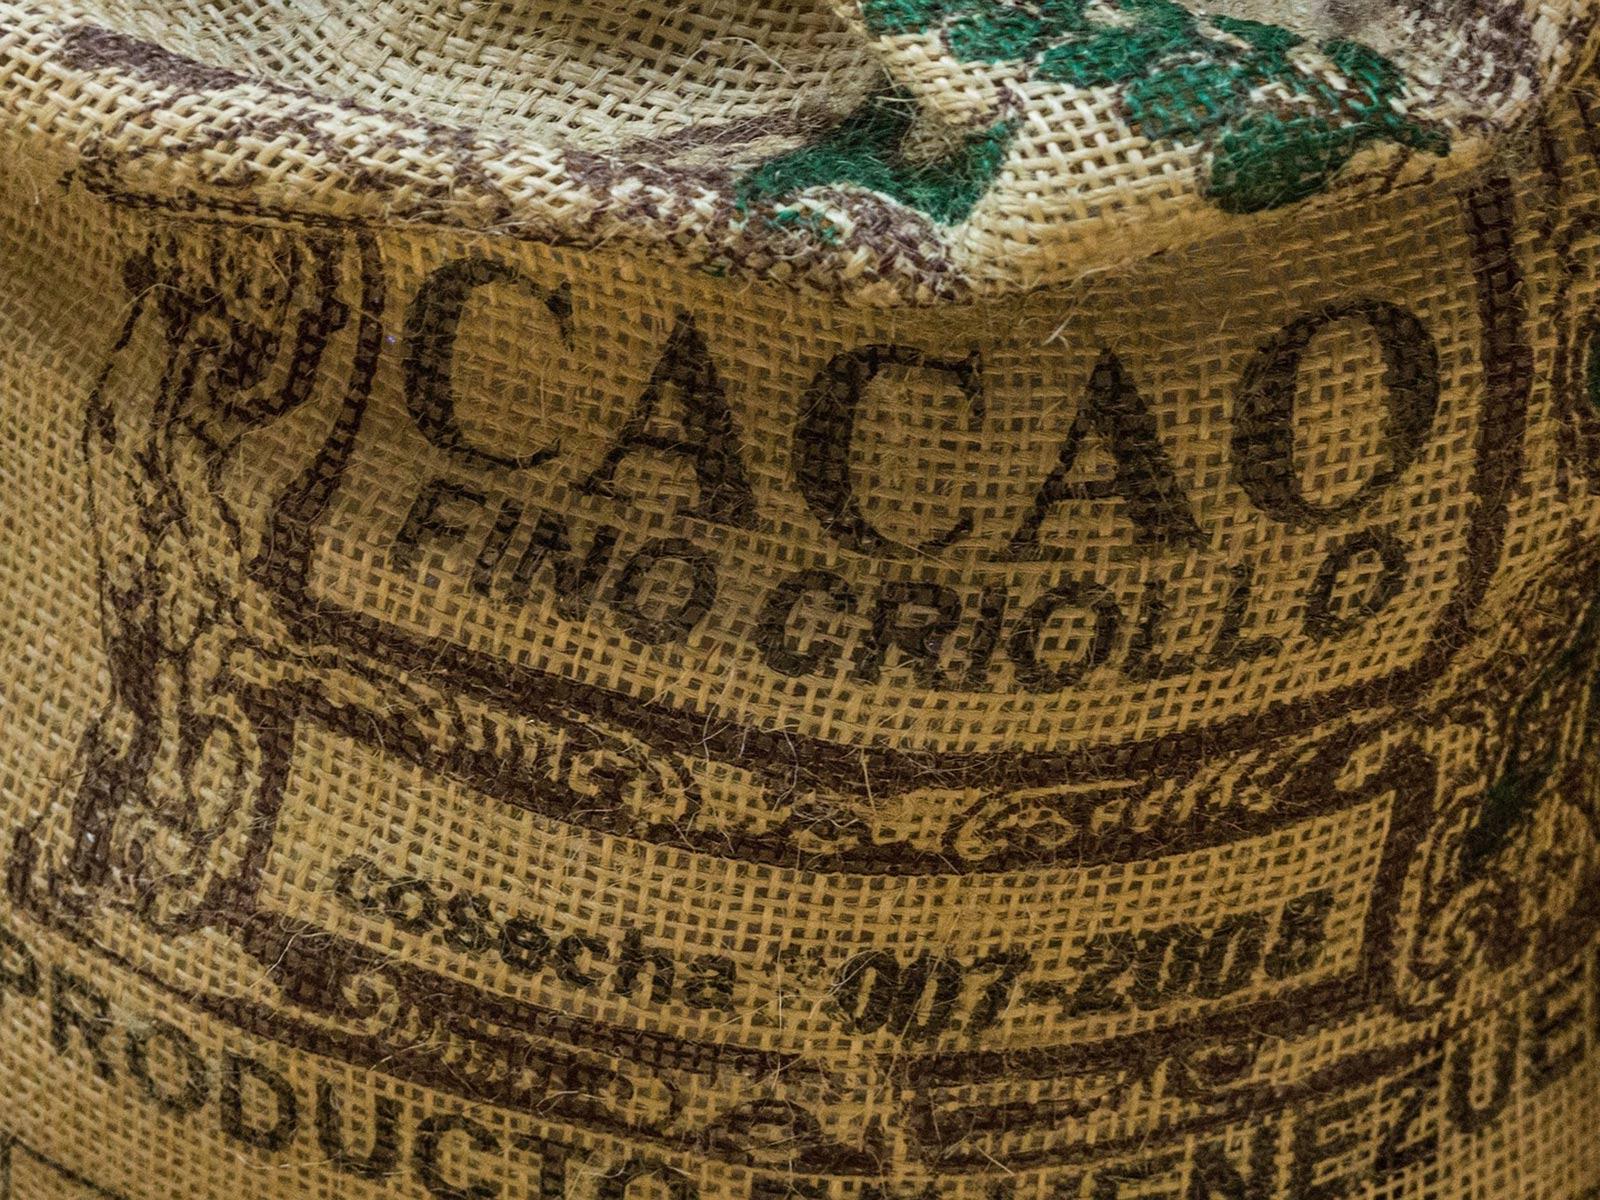 Sac de cacao pour l'exportation